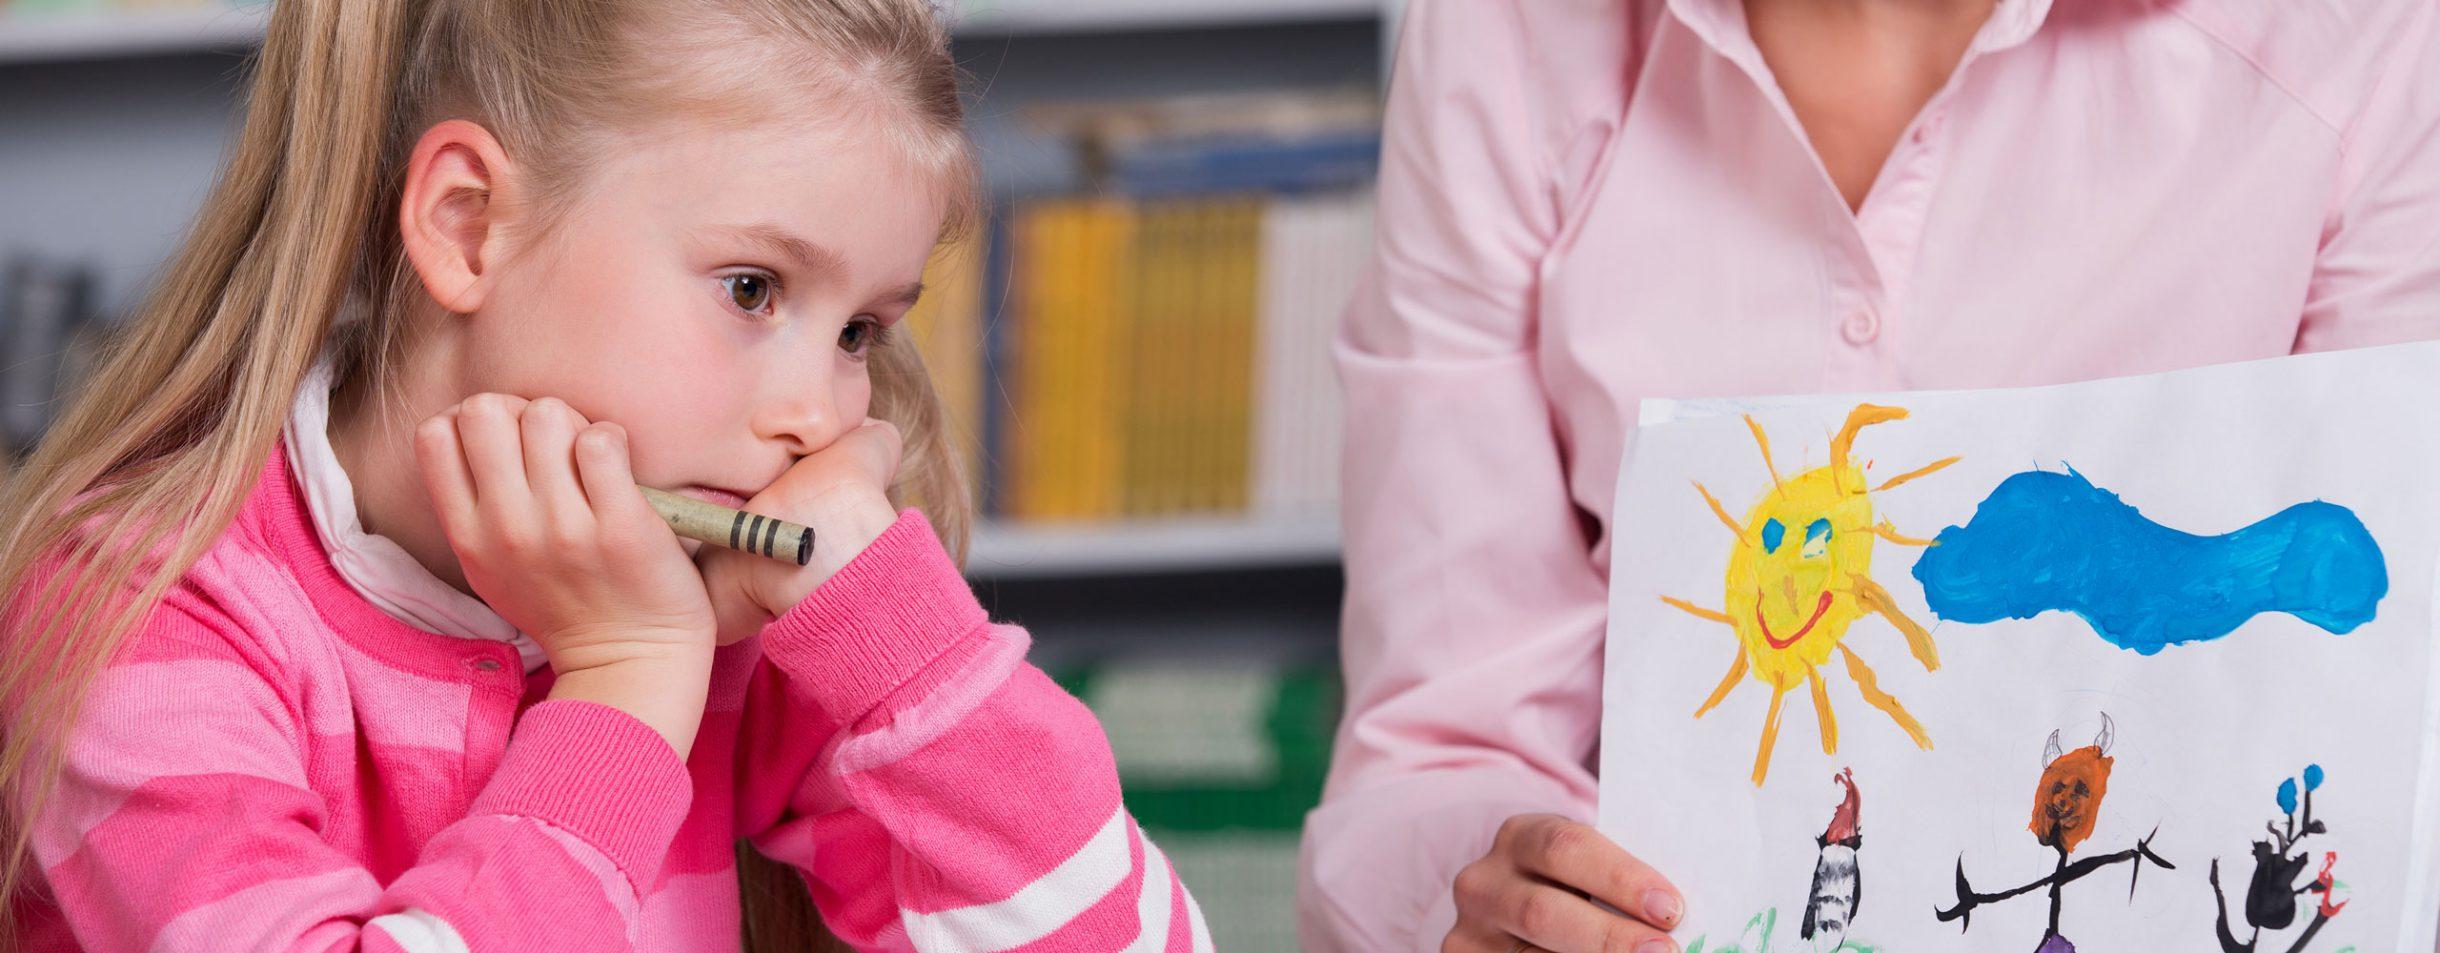 kinder depression 58636603 web 2440x953 Тема Научной Статьи По Медицине И Здравоохранению Читайте Бесплатно Текст Научно